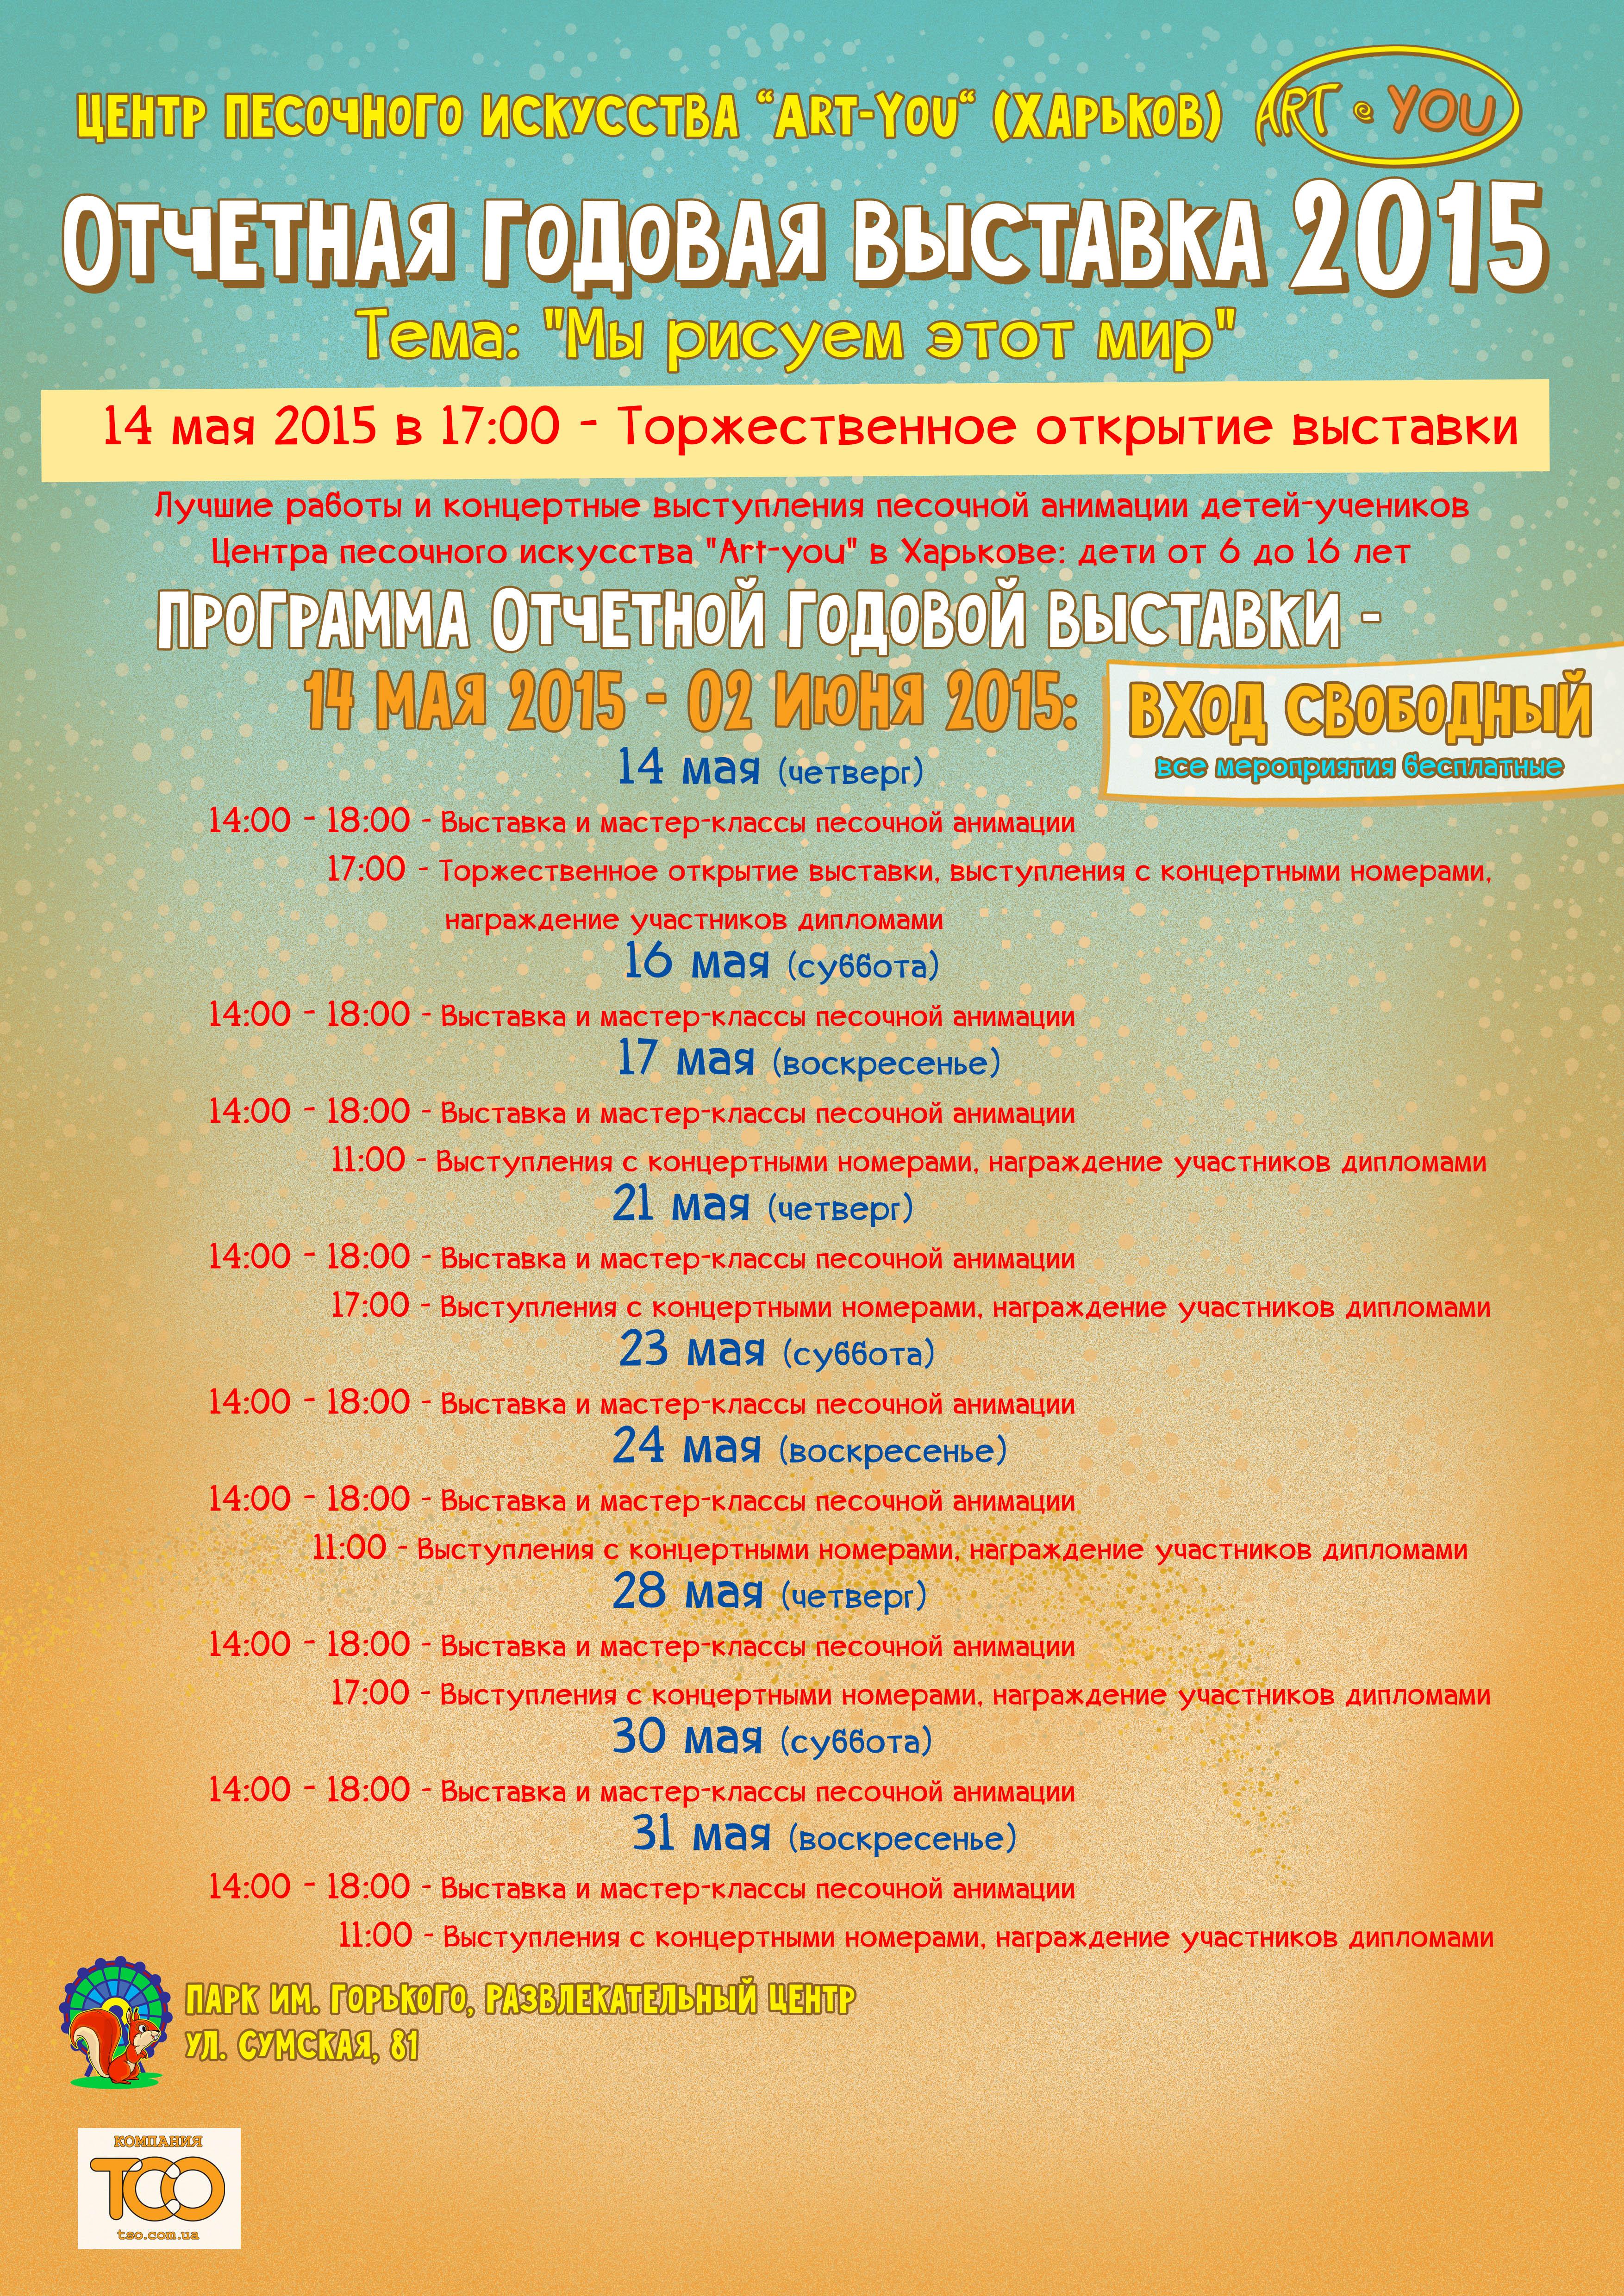 Отчетная годовая выставка 2015